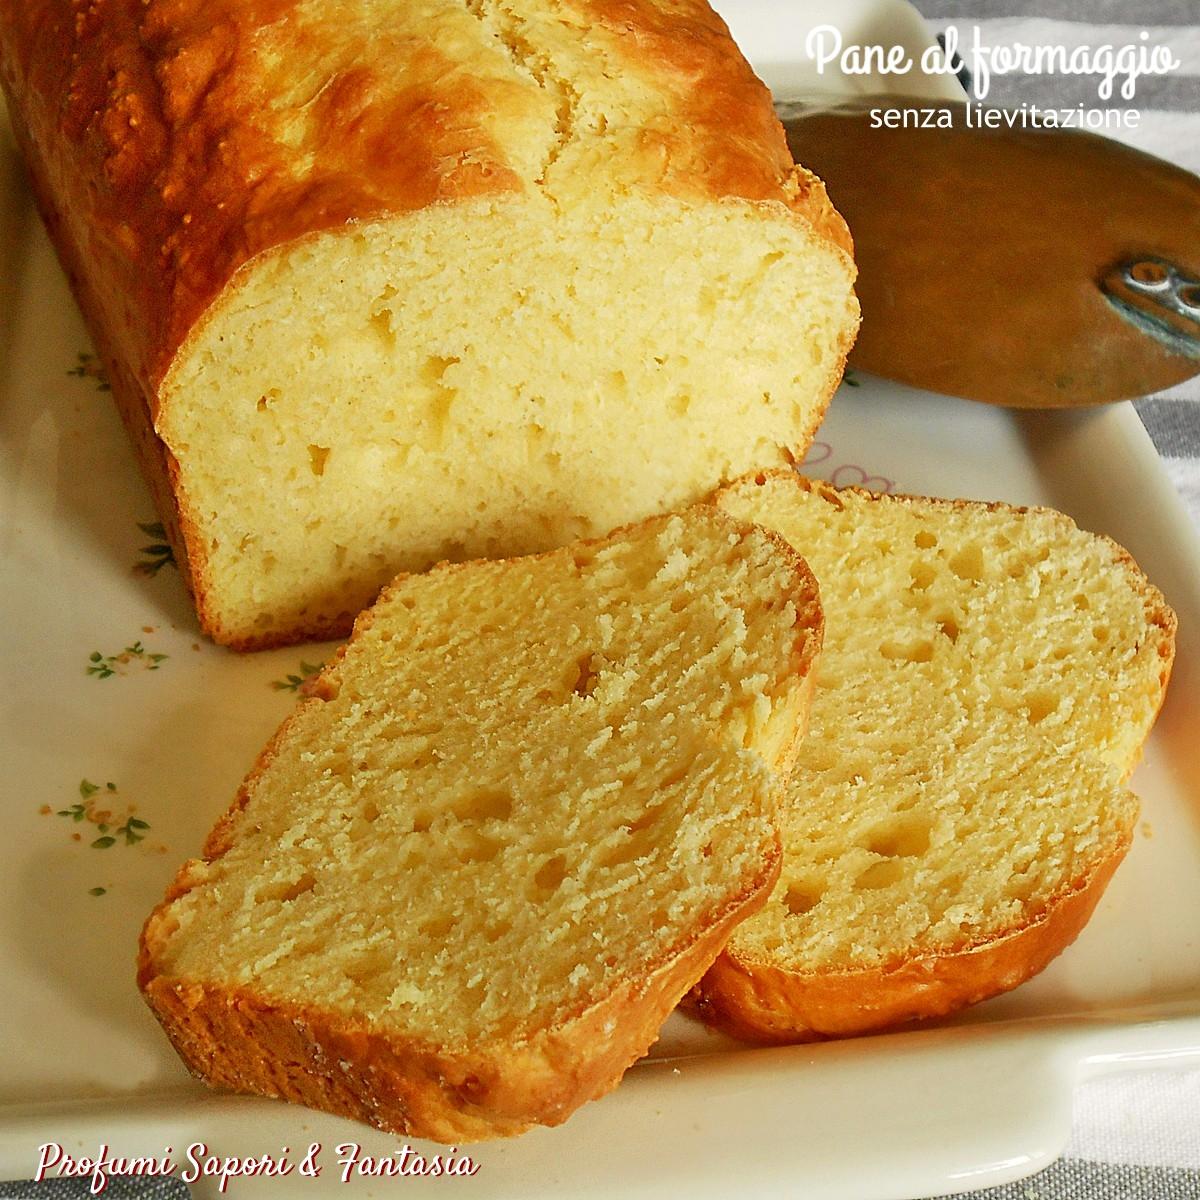 Pane al formaggio grande